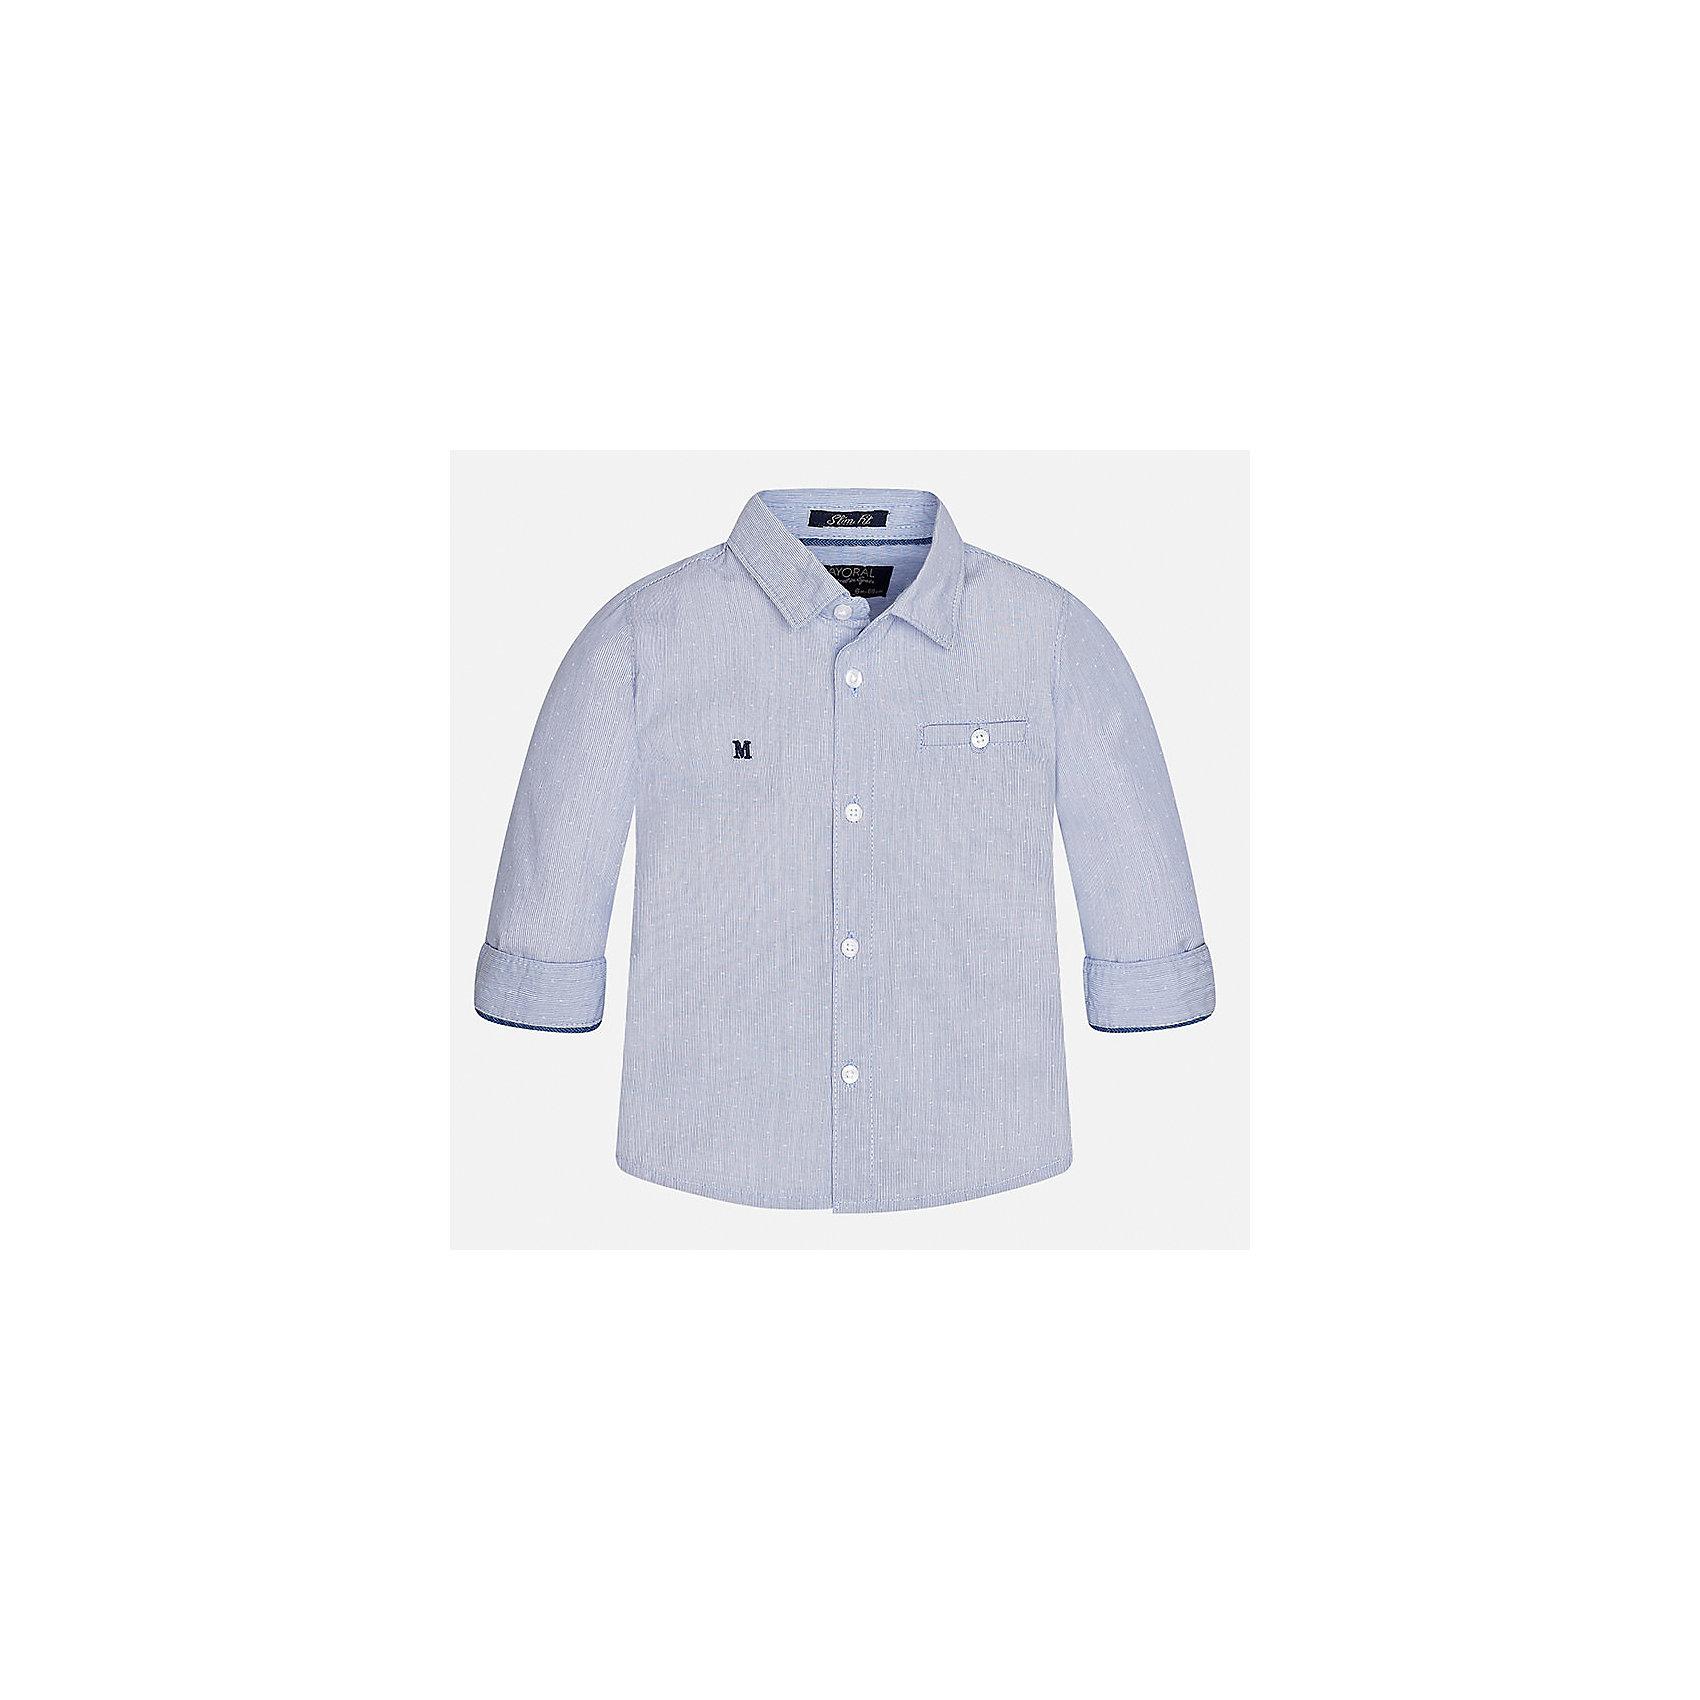 Рубашка Mayoral для мальчикаБлузки и рубашки<br>Характеристики товара:<br><br>• цвет: фиолетовый<br>• состав ткани: 100% хлопок<br>• сезон: демисезон<br>• особенности модели: школьная<br>• застежка: пуговицы<br>• длинные рукава<br>• страна бренда: Испания<br>• страна изготовитель: Индия<br><br>Модная рубашка с длинным рукавом для мальчика Mayoral удобно сидит по фигуре. Стильная детская рубашка сделана из натуральной хлопковой ткани. Отличный способ обеспечить ребенку комфорт и аккуратный внешний вид - надеть детскую рубашку от Mayoral. Детская рубашка с длинным рукавом сшита из приятного на ощупь материала. <br><br>Рубашку для мальчика Mayoral (Майорал) можно купить в нашем интернет-магазине.<br><br>Ширина мм: 174<br>Глубина мм: 10<br>Высота мм: 169<br>Вес г: 157<br>Цвет: лиловый<br>Возраст от месяцев: 24<br>Возраст до месяцев: 36<br>Пол: Мужской<br>Возраст: Детский<br>Размер: 98,80,86,92<br>SKU: 6935044